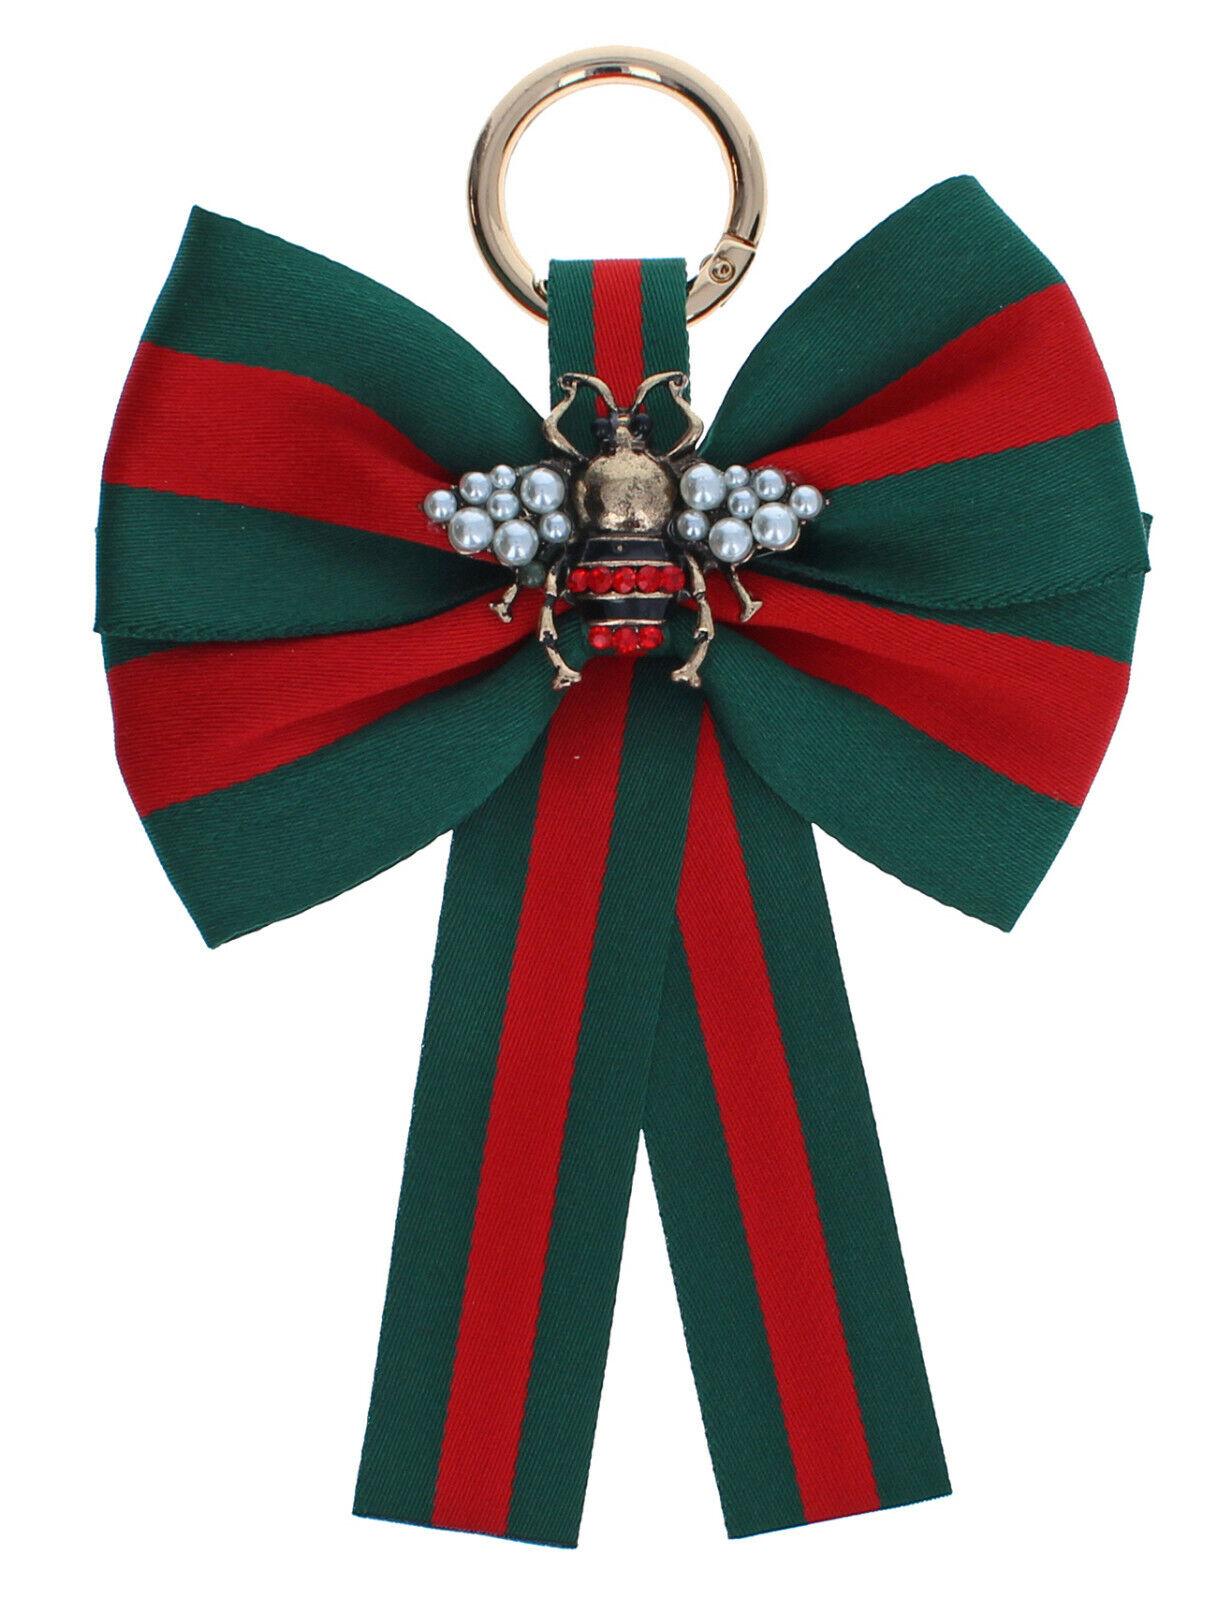 Taschenanhänger für Handtasche Schleife mit Biene Strass Perlen grün rot gold